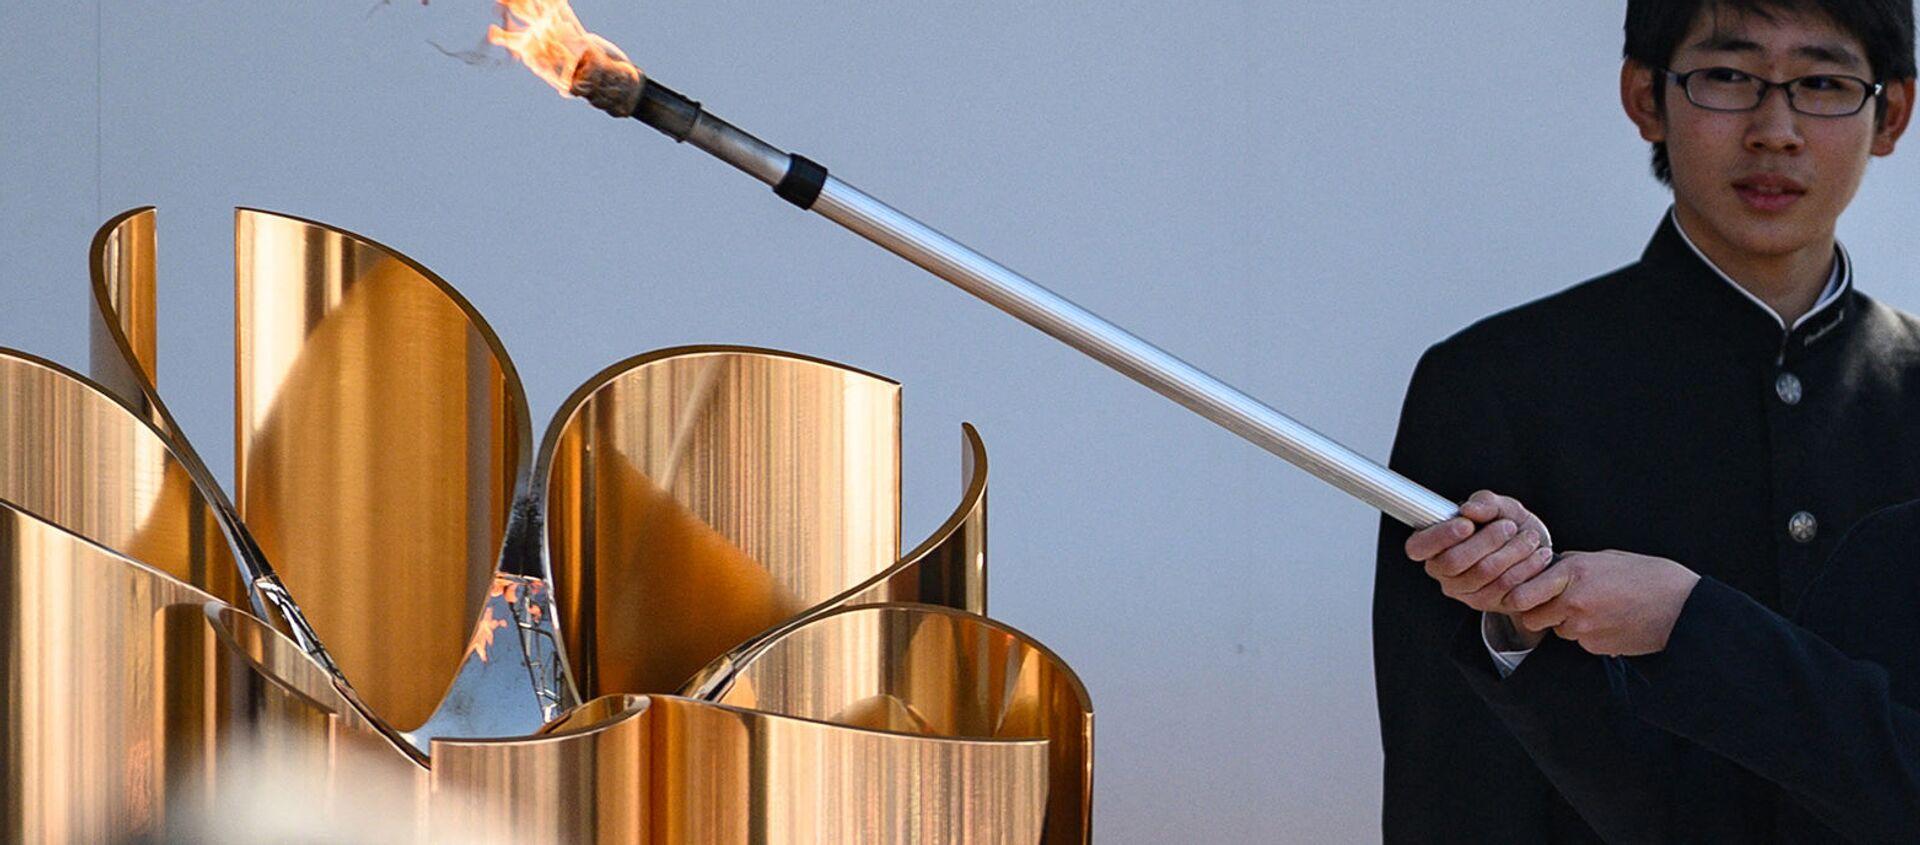 Олимпийские игры в Токио пройдут без иностранных зрителей - Sputnik Азербайджан, 1920, 11.03.2021